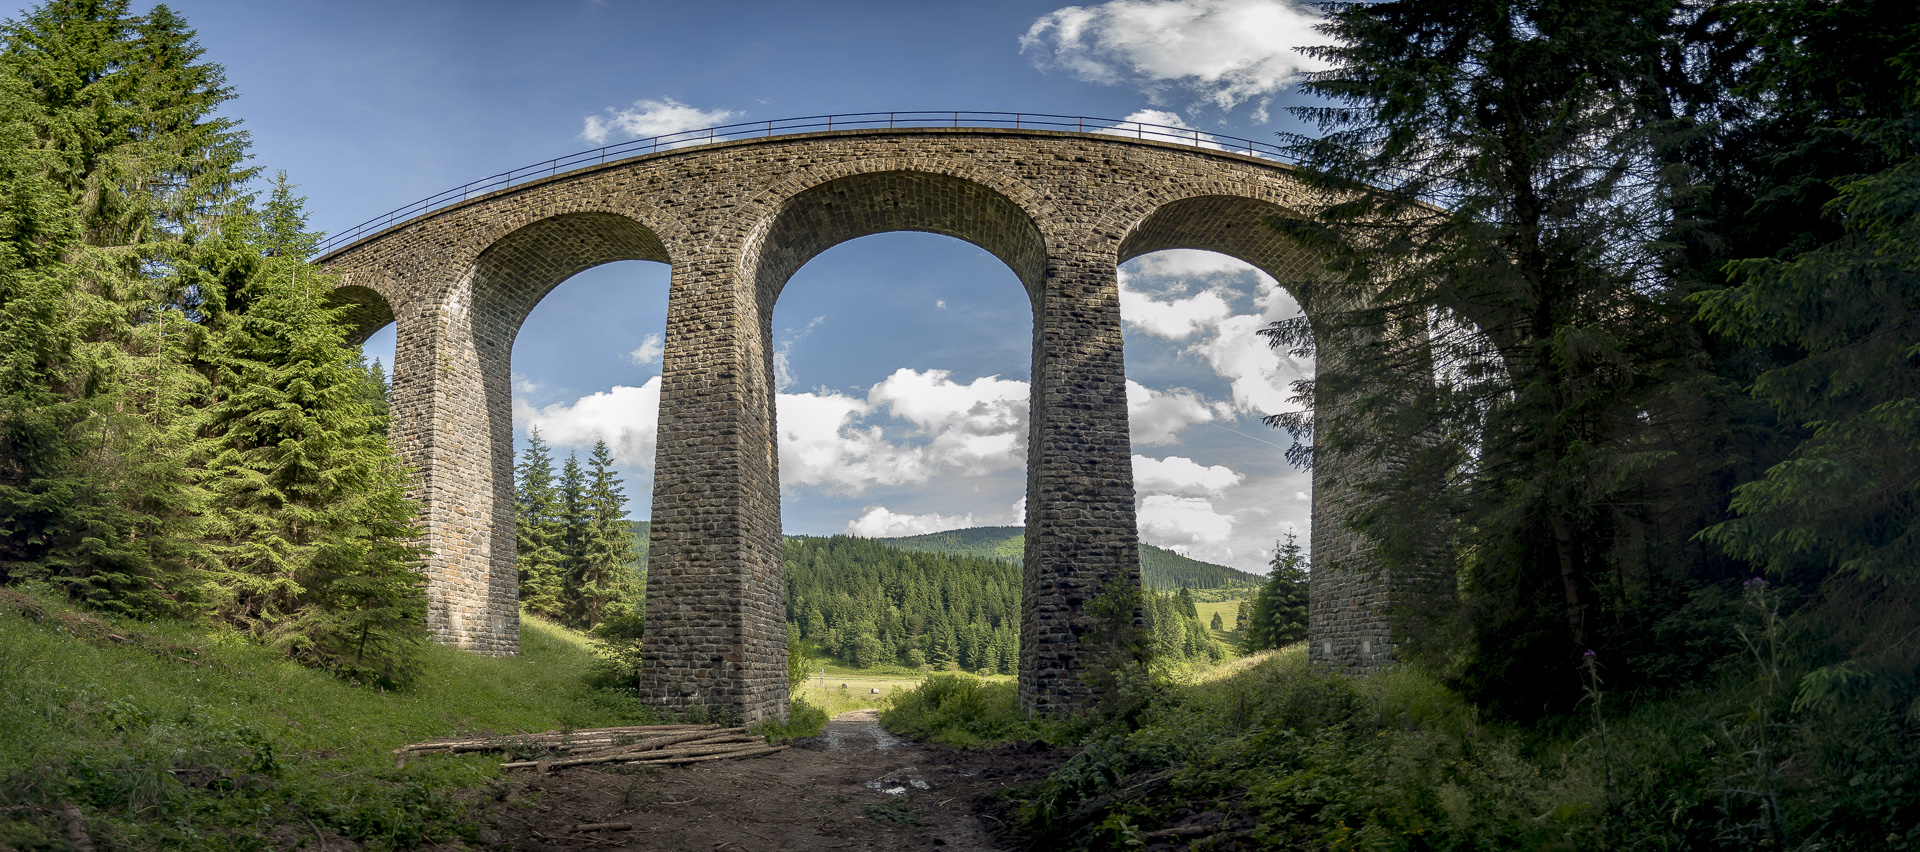 Malé letné objavovanie – Kamenné železničné dielo v pri Telgárte